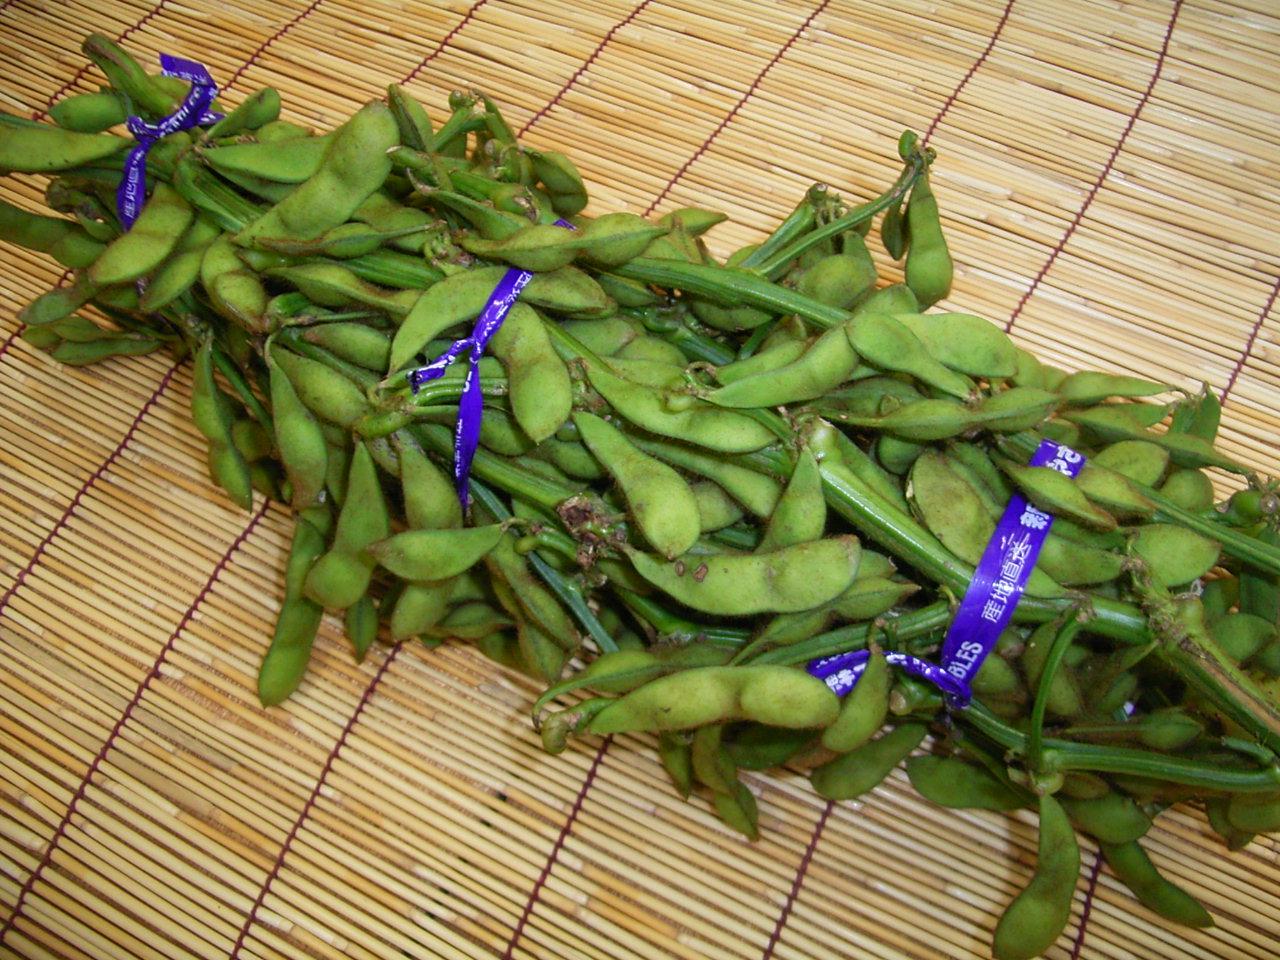 丹波篠山黒大豆枝豆1束(約1kg)丹波黒豆枝豆、丹波枝豆